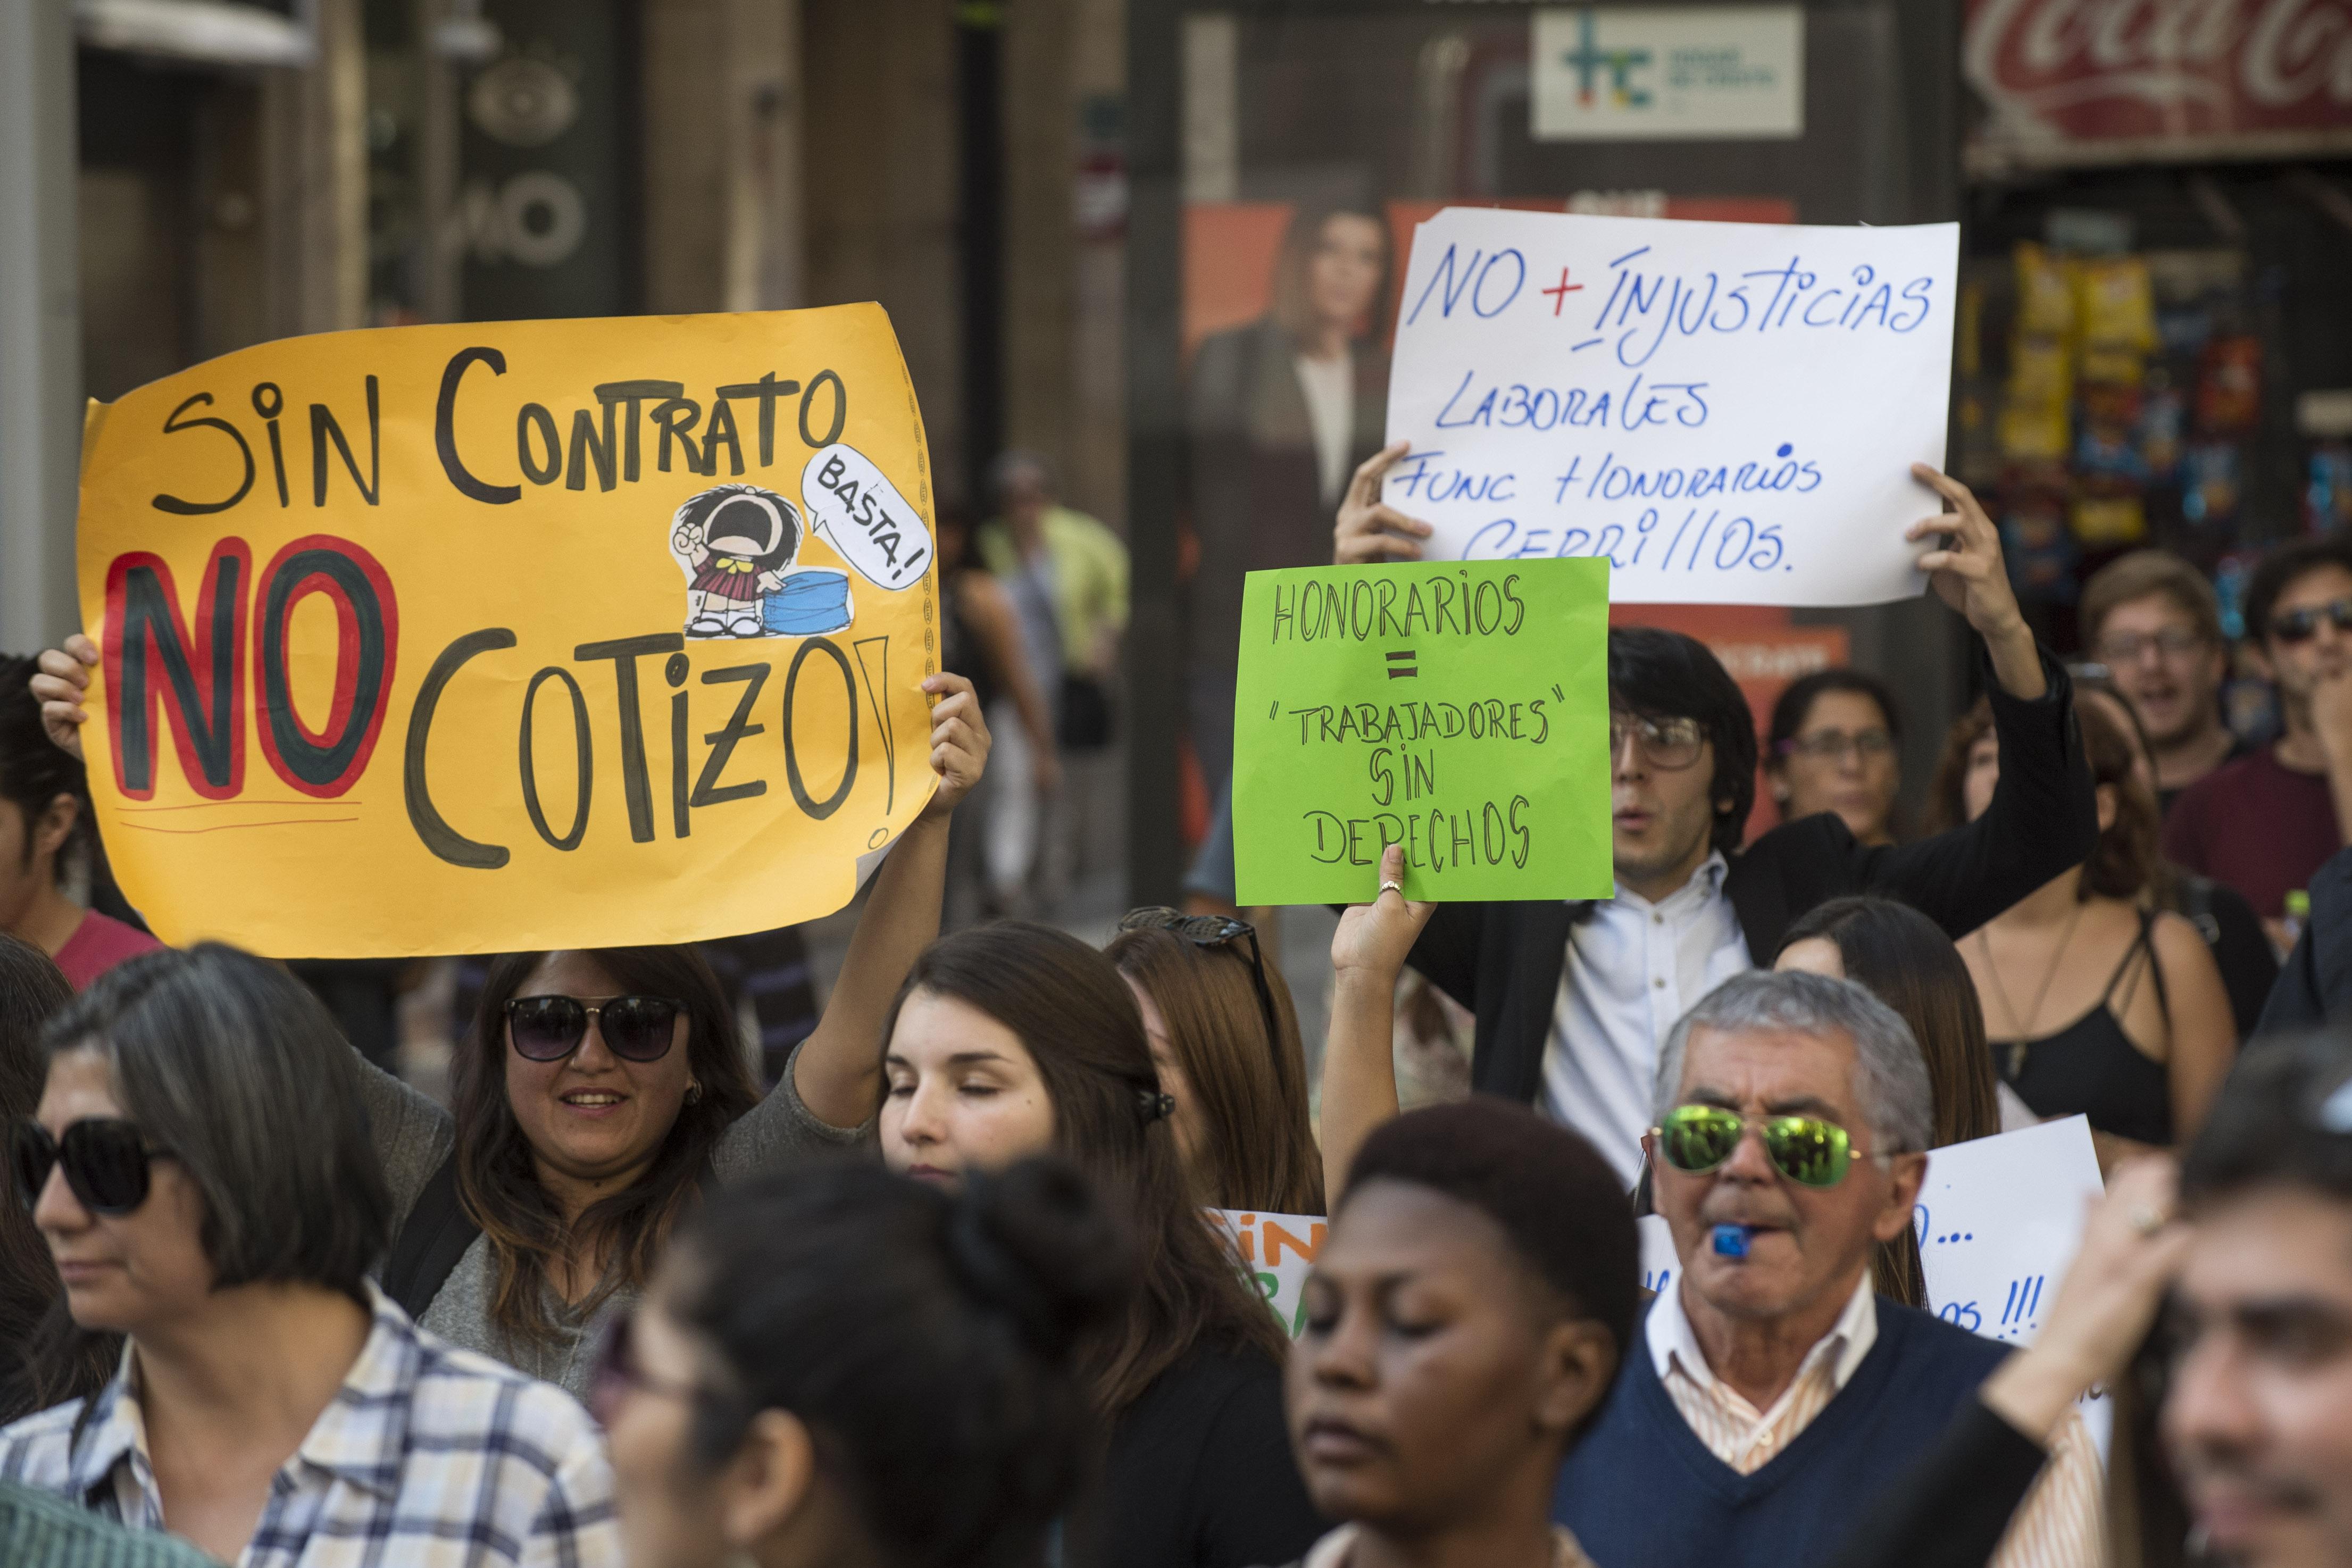 Trabajadores a honorarios del Estado podrán acceder a cotizaciones e indemnización